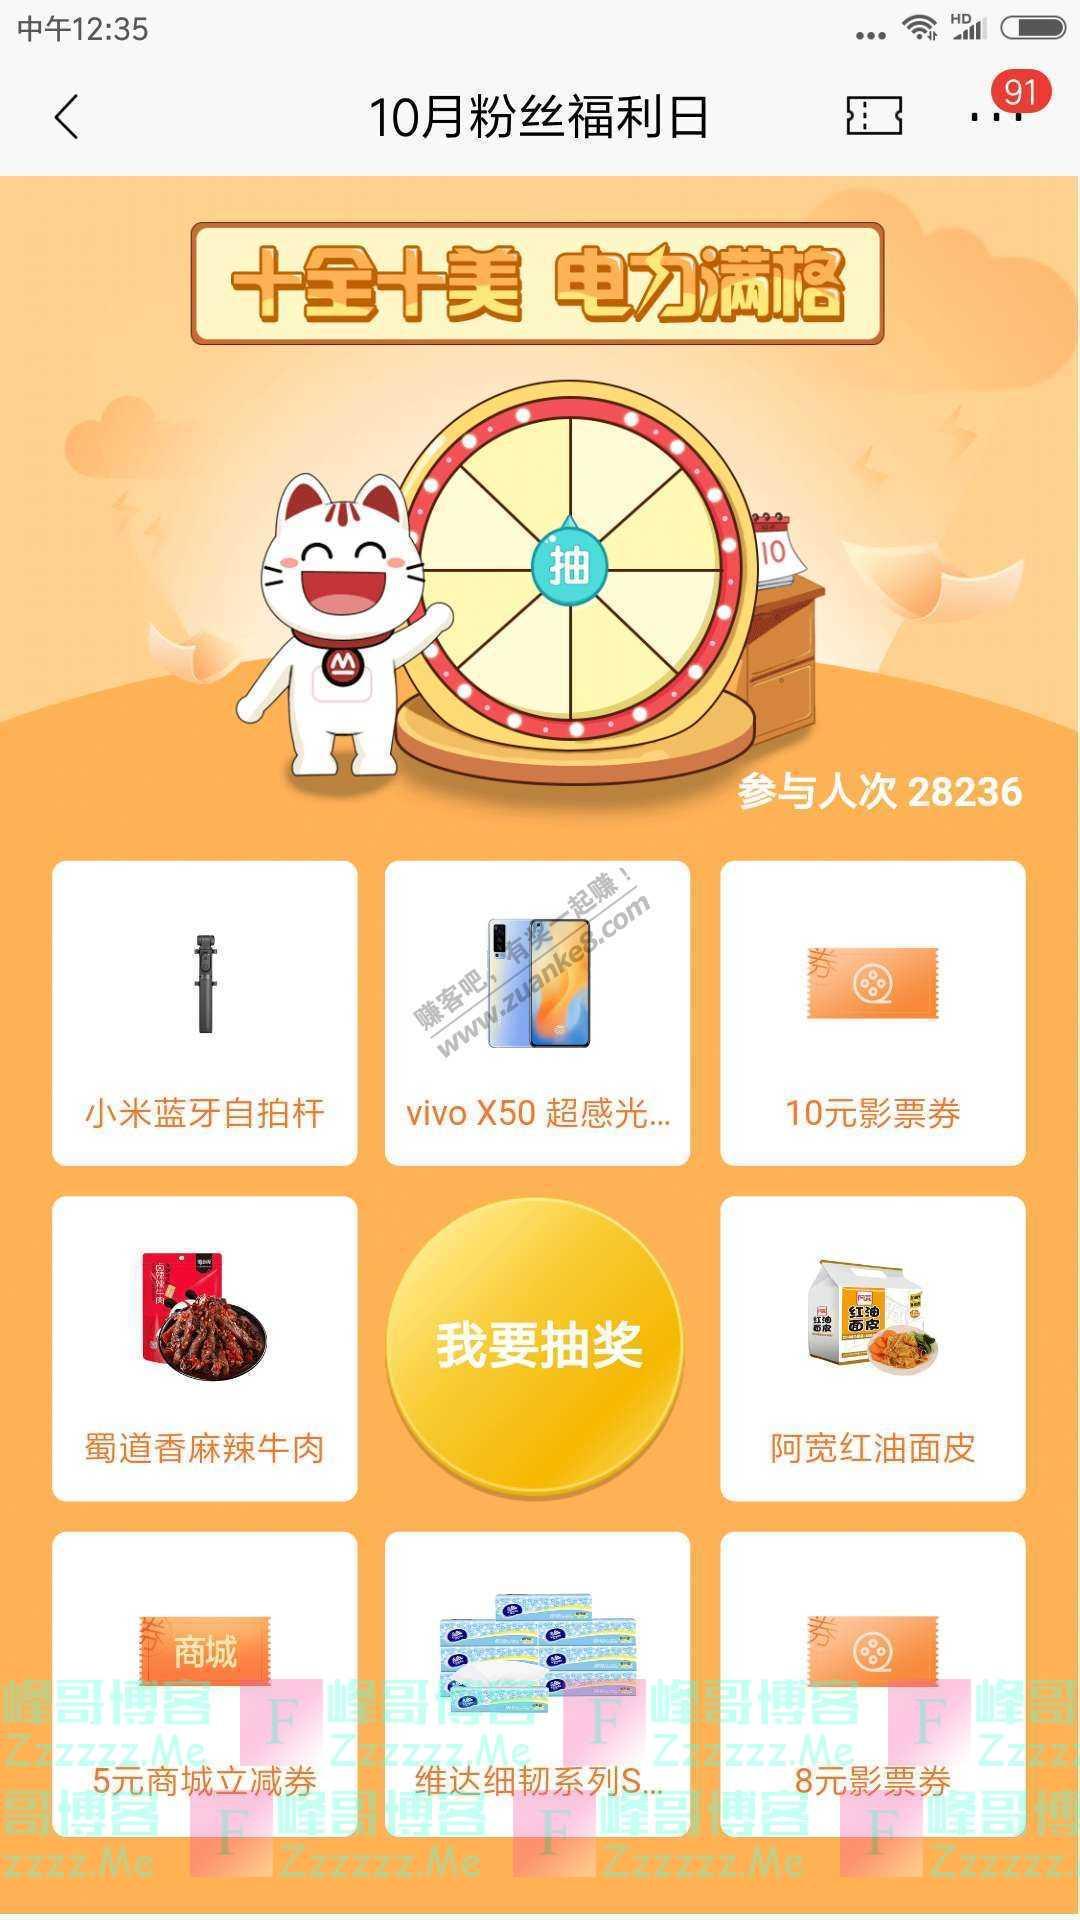 招商银行app10月粉丝福利日(10月10日截止)